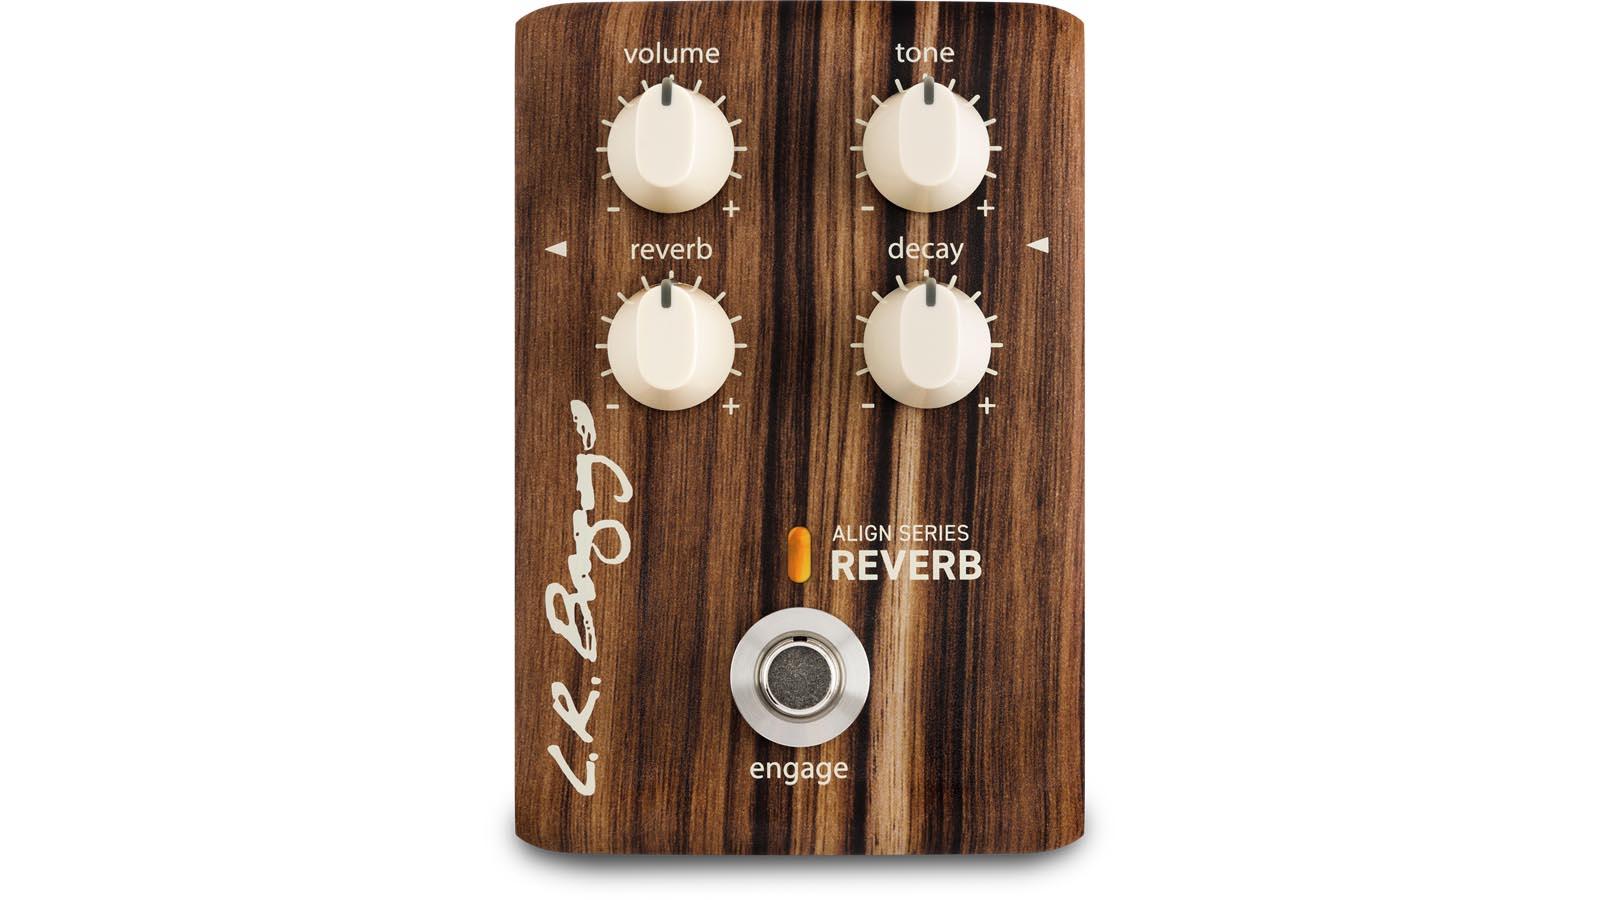 LR Baggs Align Reverb Effekt Pedal